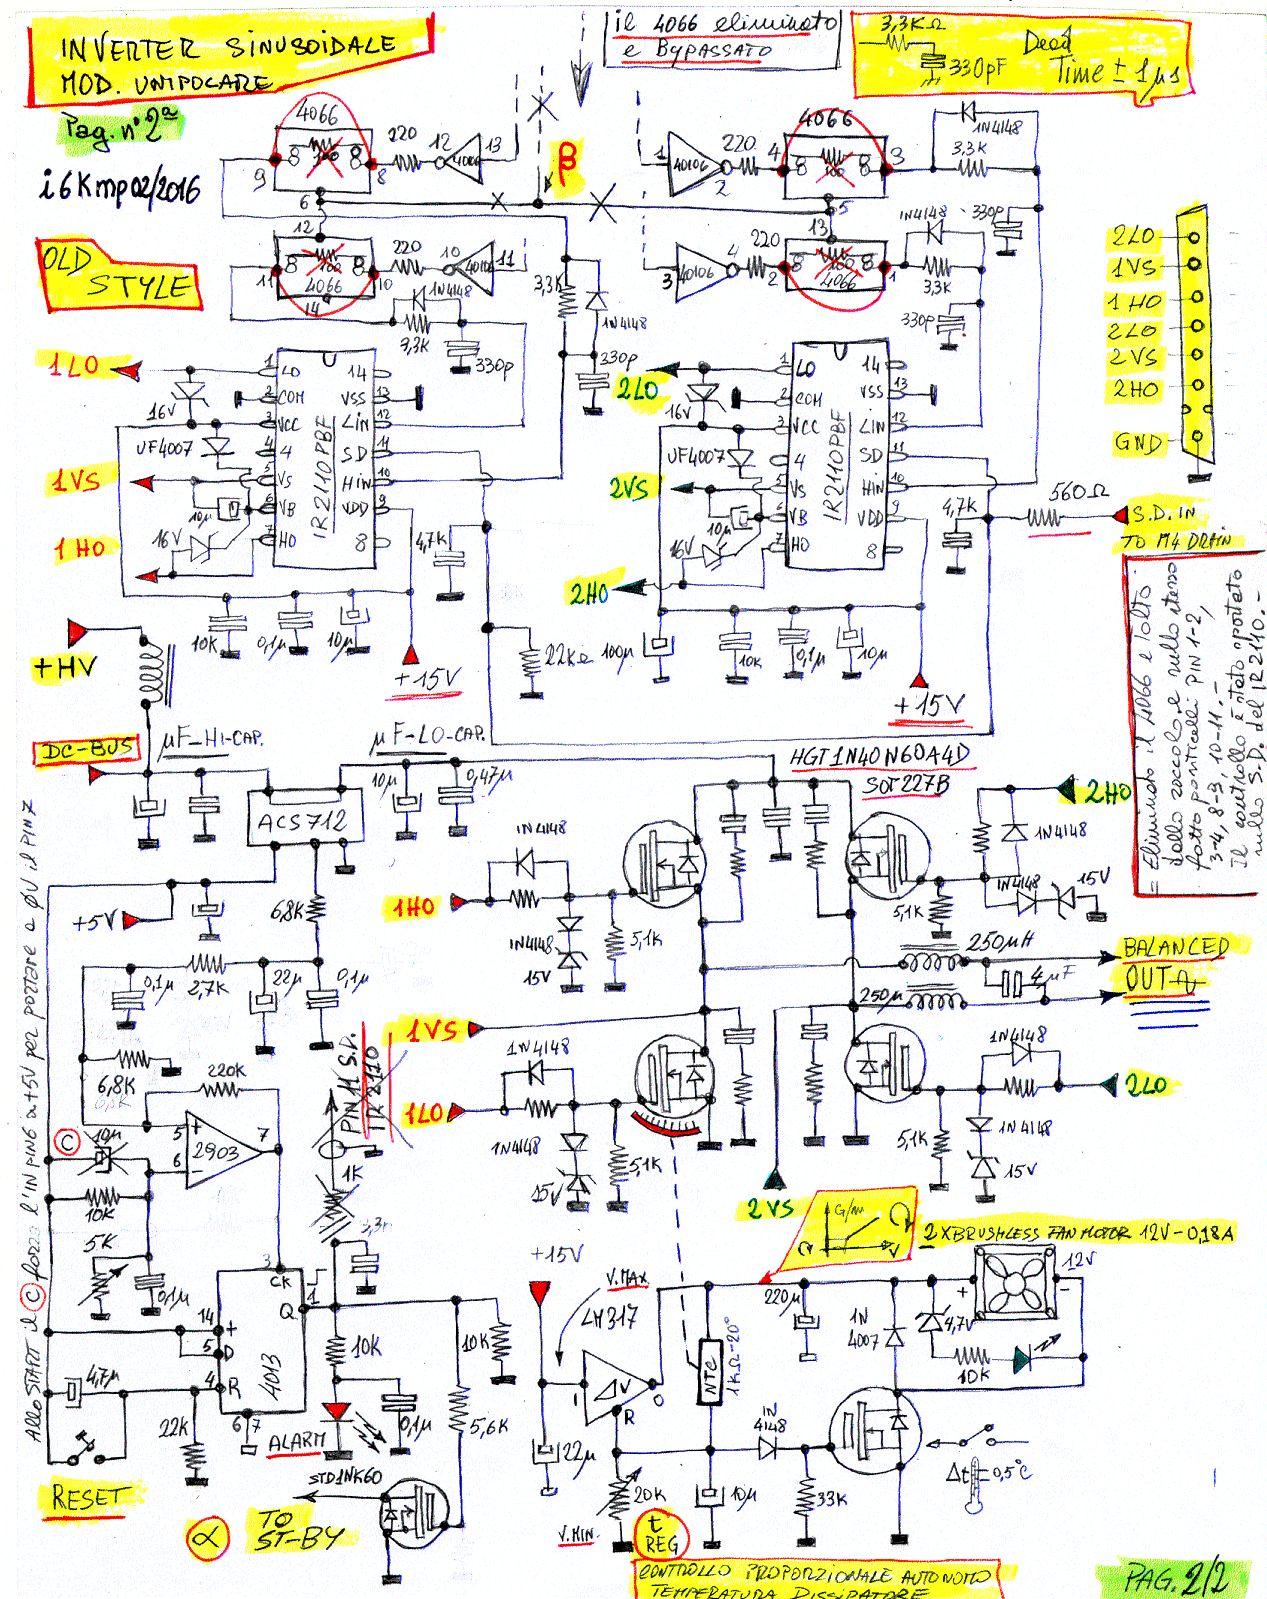 BozzaSchemaOriginale12-PartC.jpg